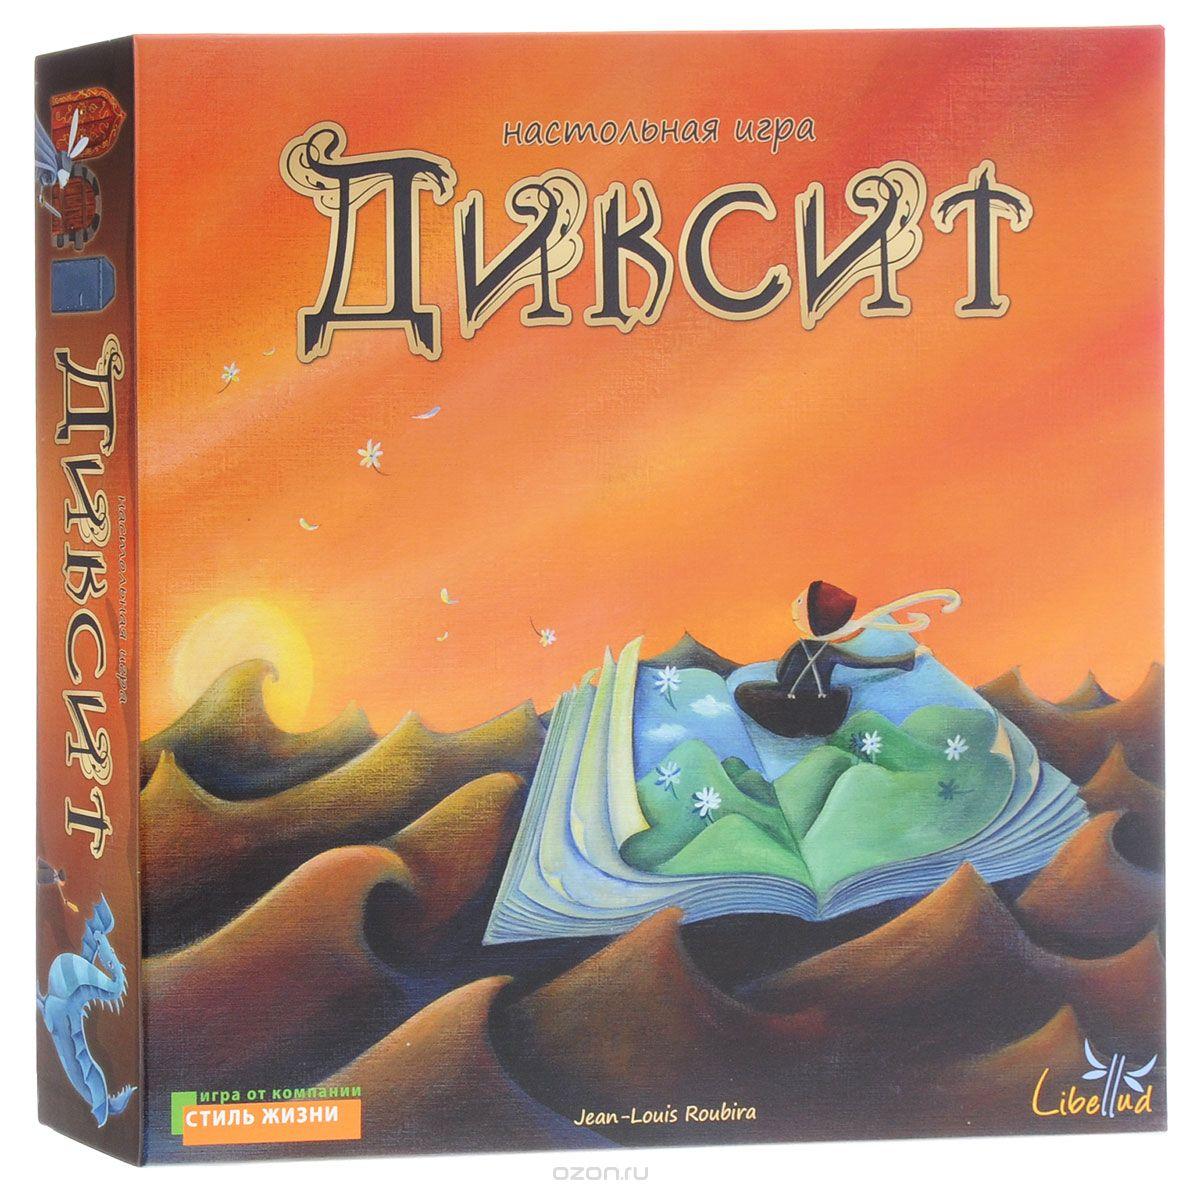 Libellud Настольная игра Диксит (Dixit), в ассортименте